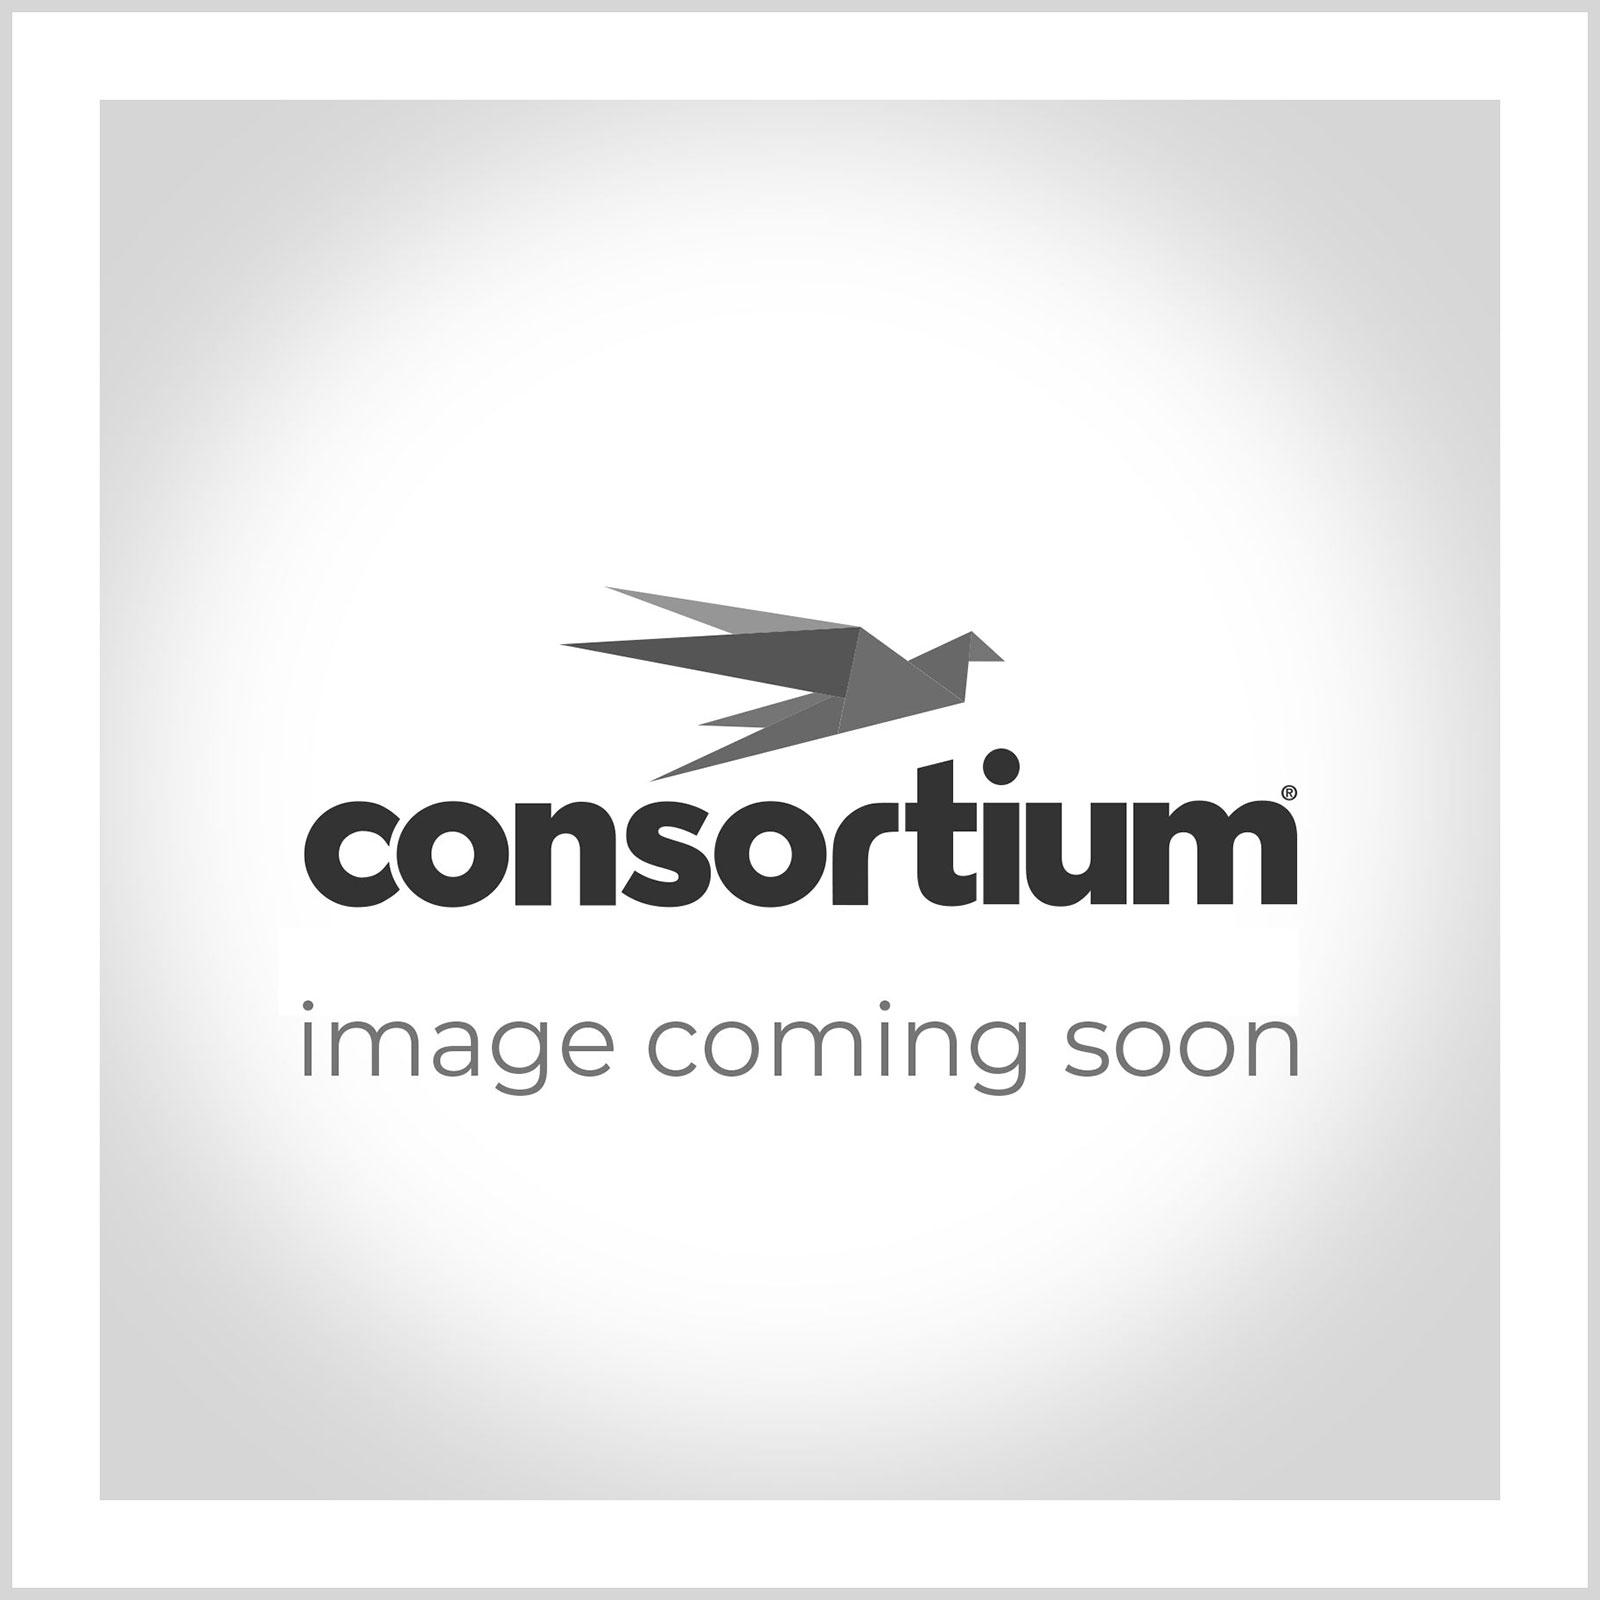 Tudor Life Books